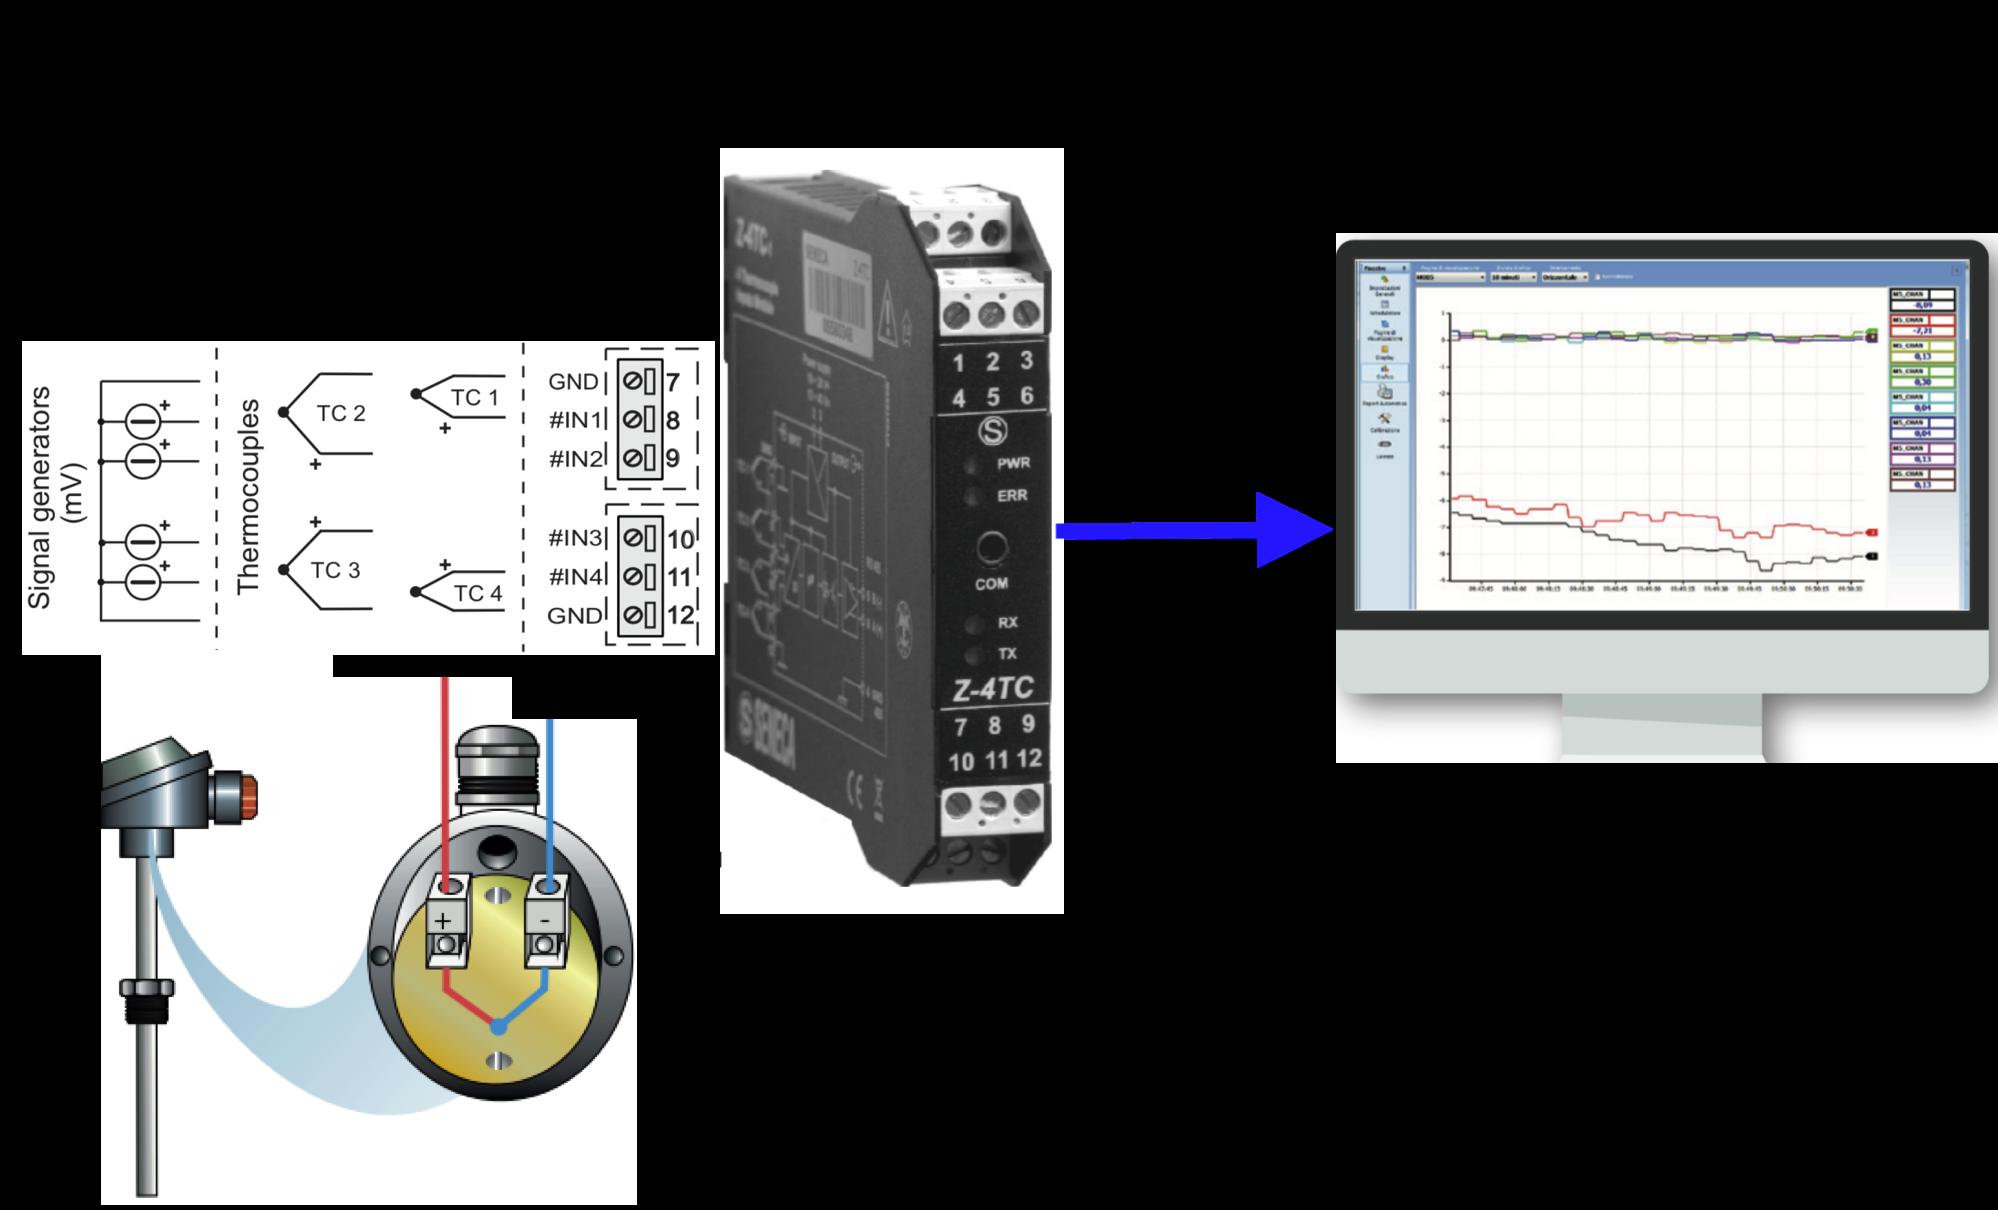 Ứng dụng bộ chuyển đổi nhiệt độ sang modbus Z-4TC